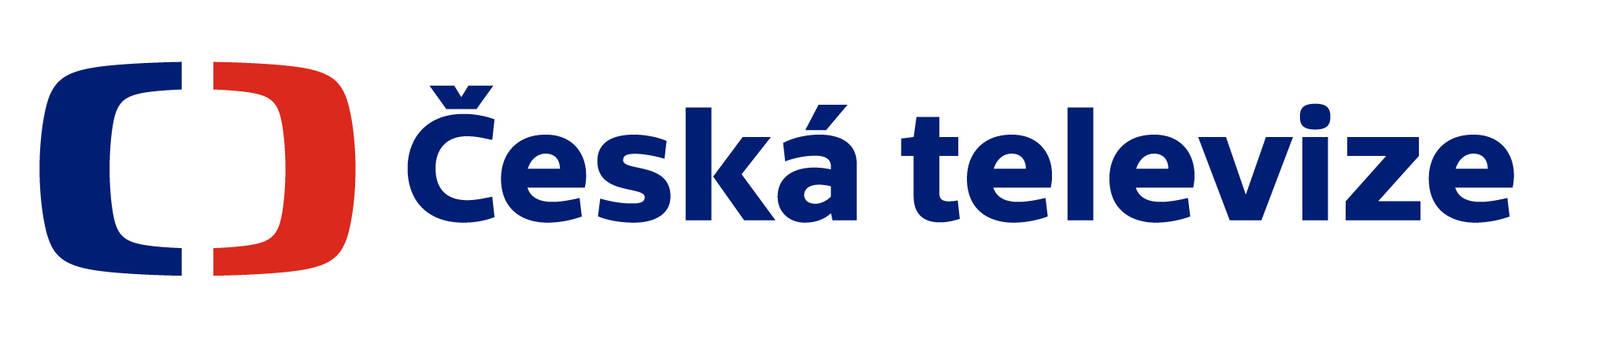 logo_ceska_televize